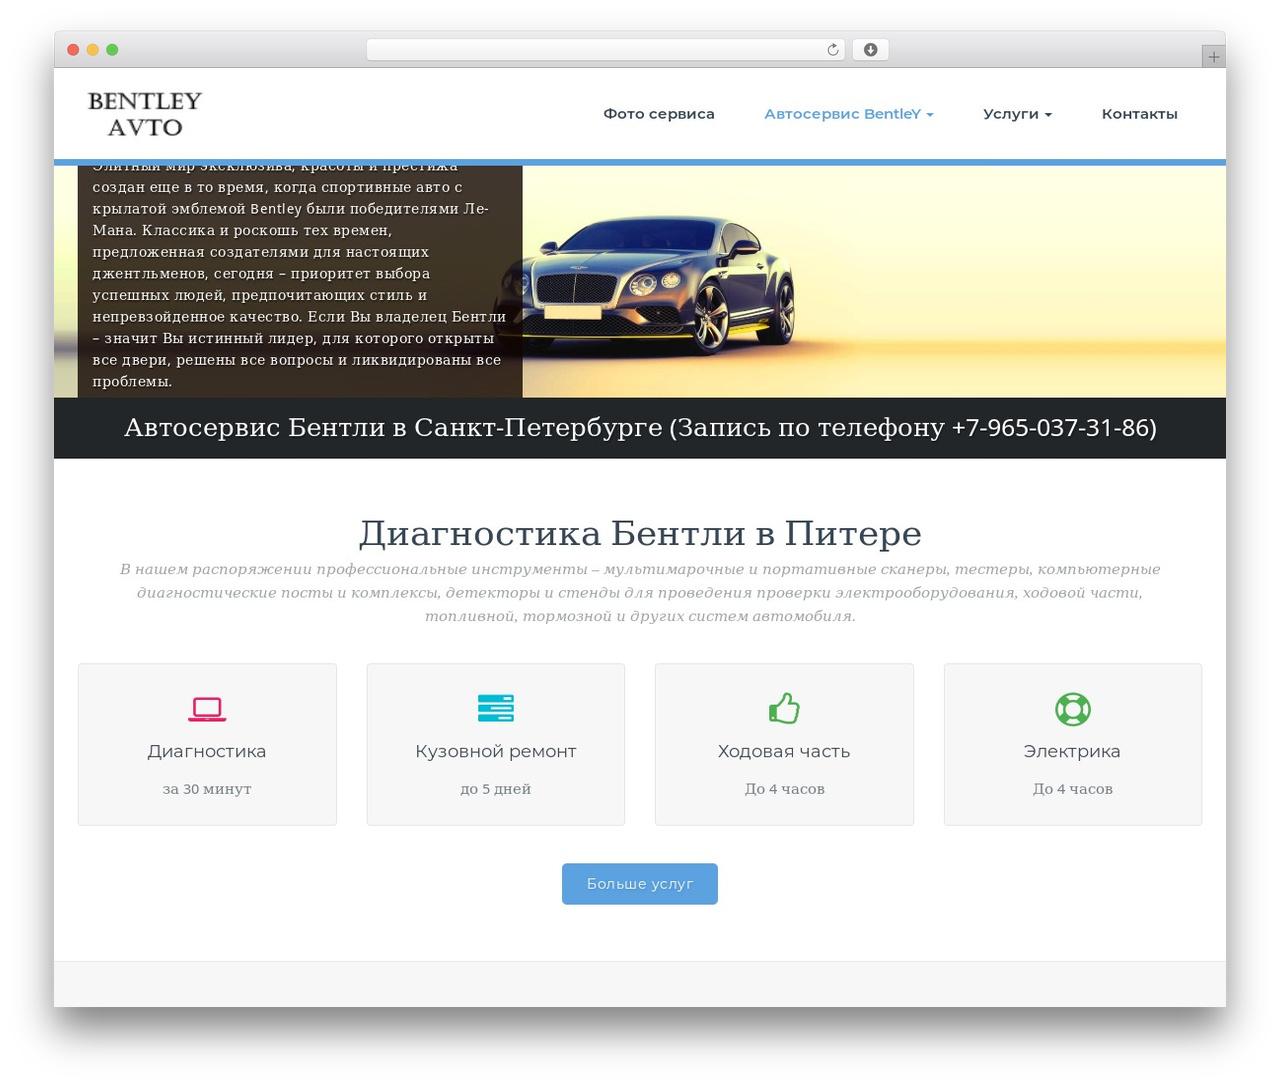 Busiprof WP theme - bentley-avto.ru